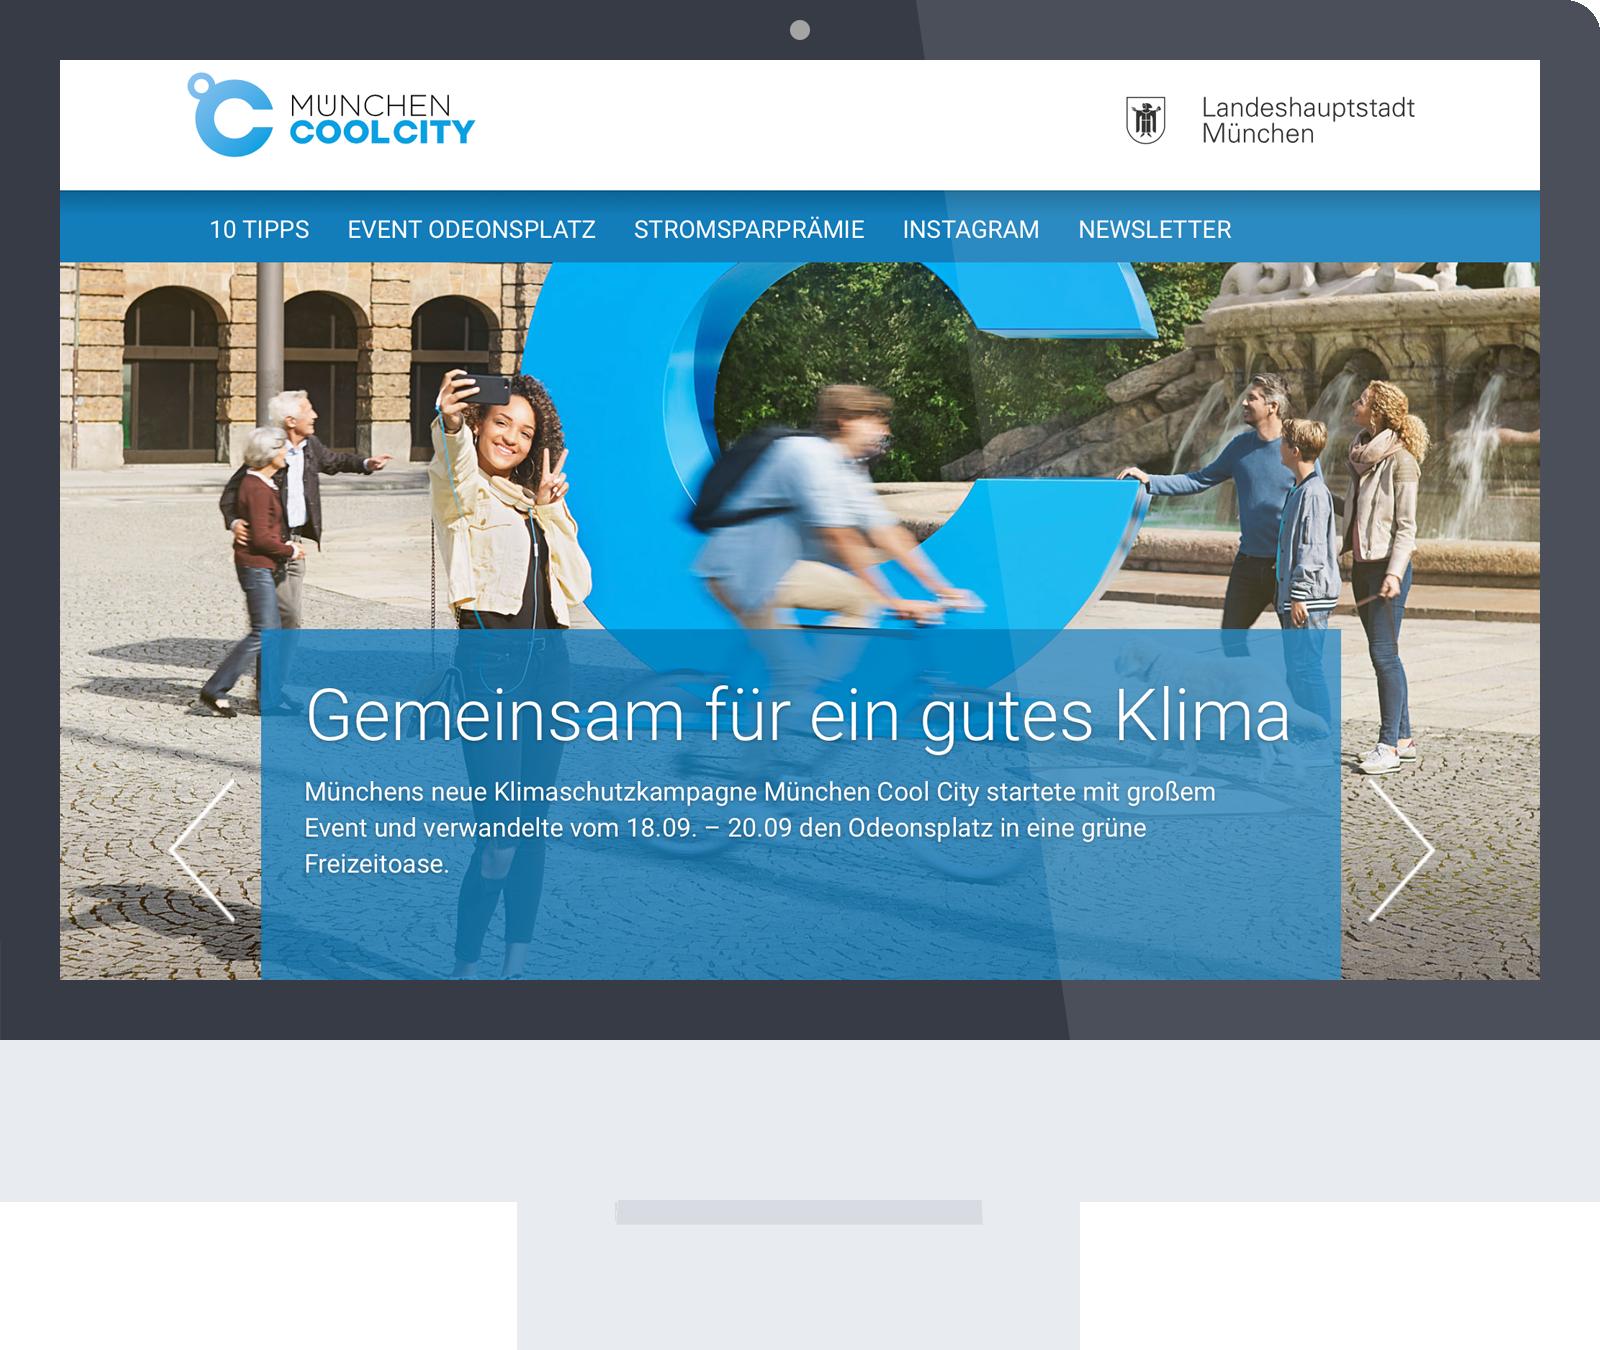 München Cool City